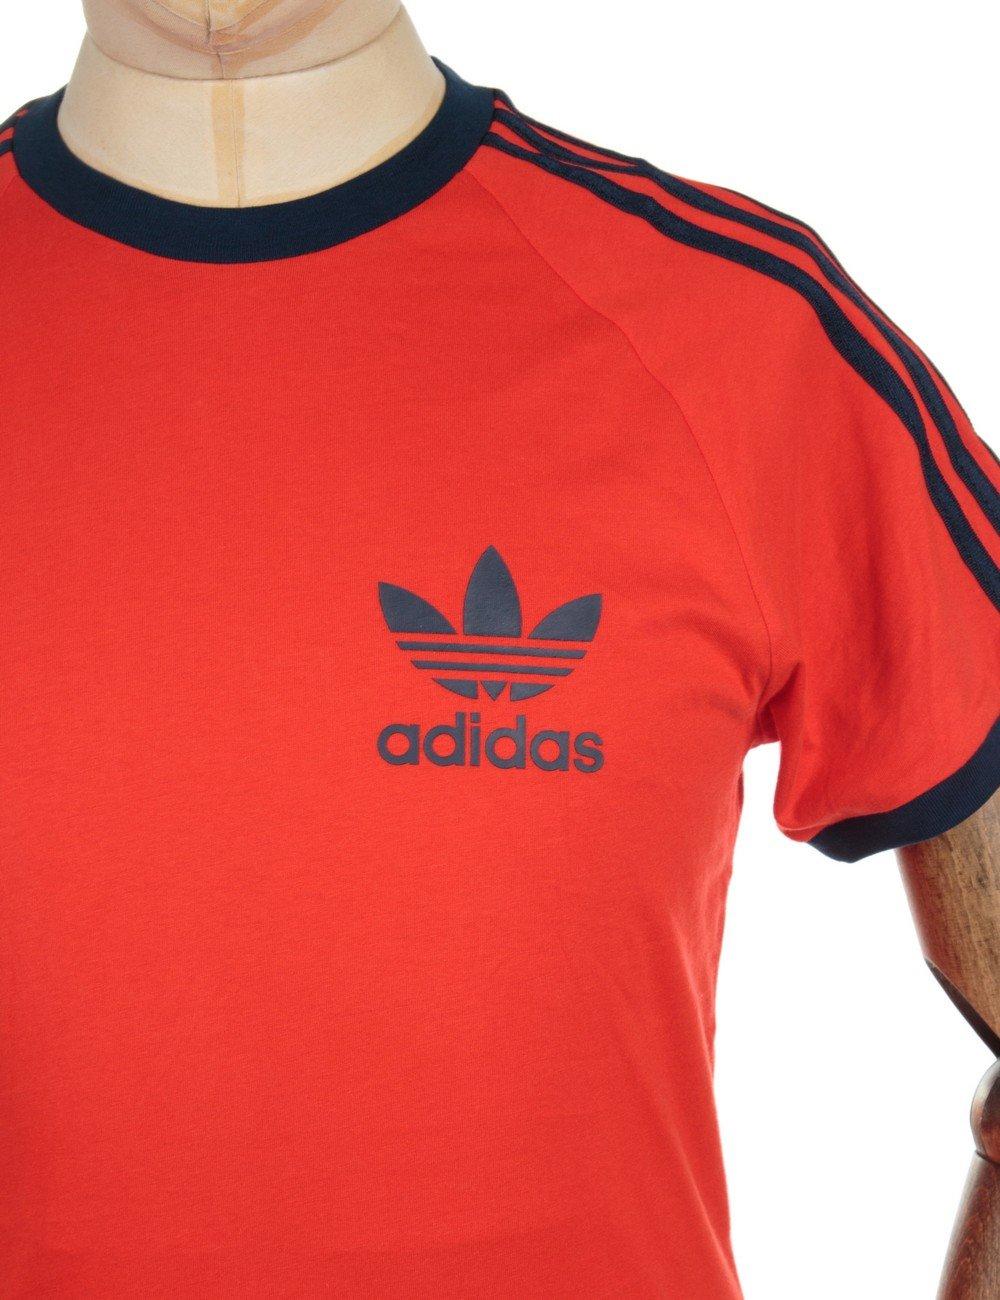 Adidas Originals Retro Trefoil Logo T Shirt Red T